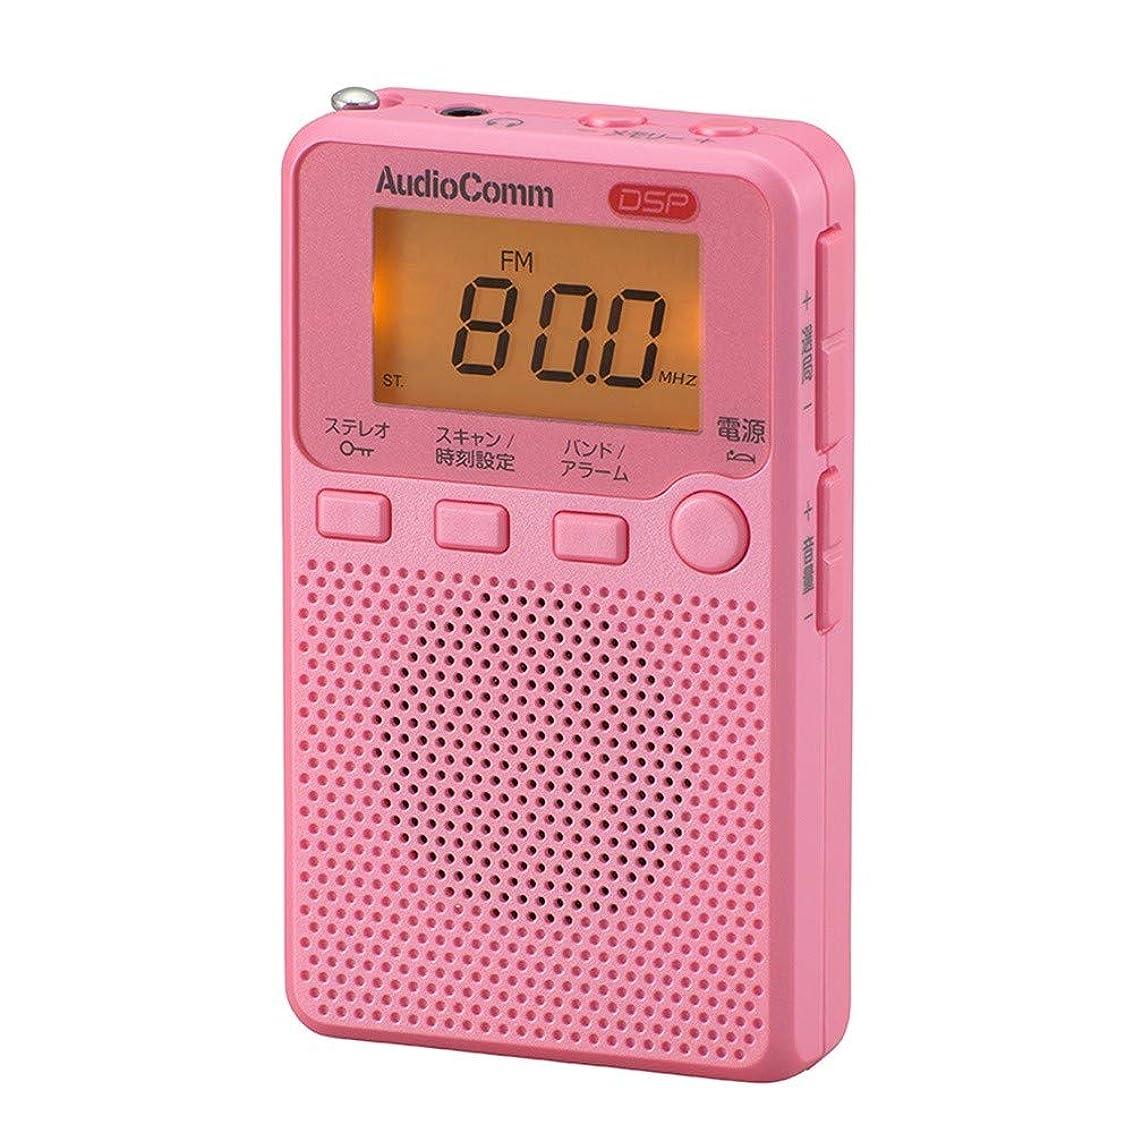 一時停止ポジション人気のオーム電機 AudioComm AM/FM DSPポケットラジオ ワイドFM対応 液晶表示ポケットラジオ ステレオ OHM ピンク